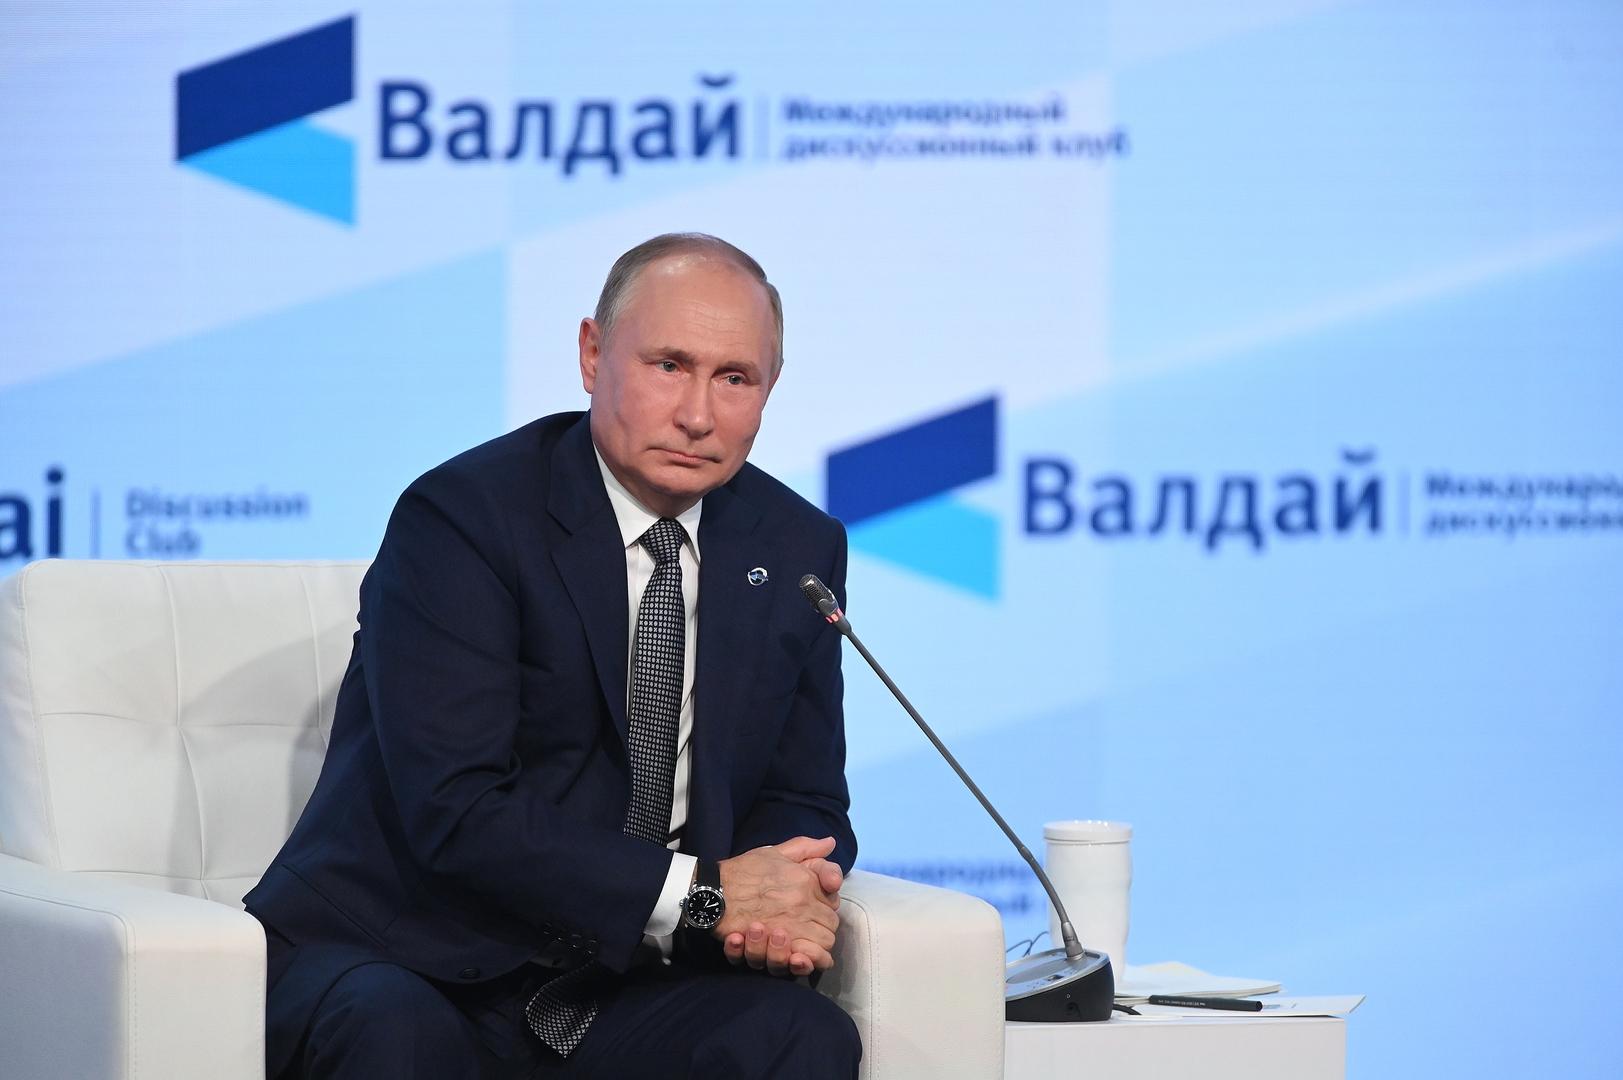 بوتين: الشركات الأمنية الخاصة من روسيا لا تعمل بتكليف من الدولة